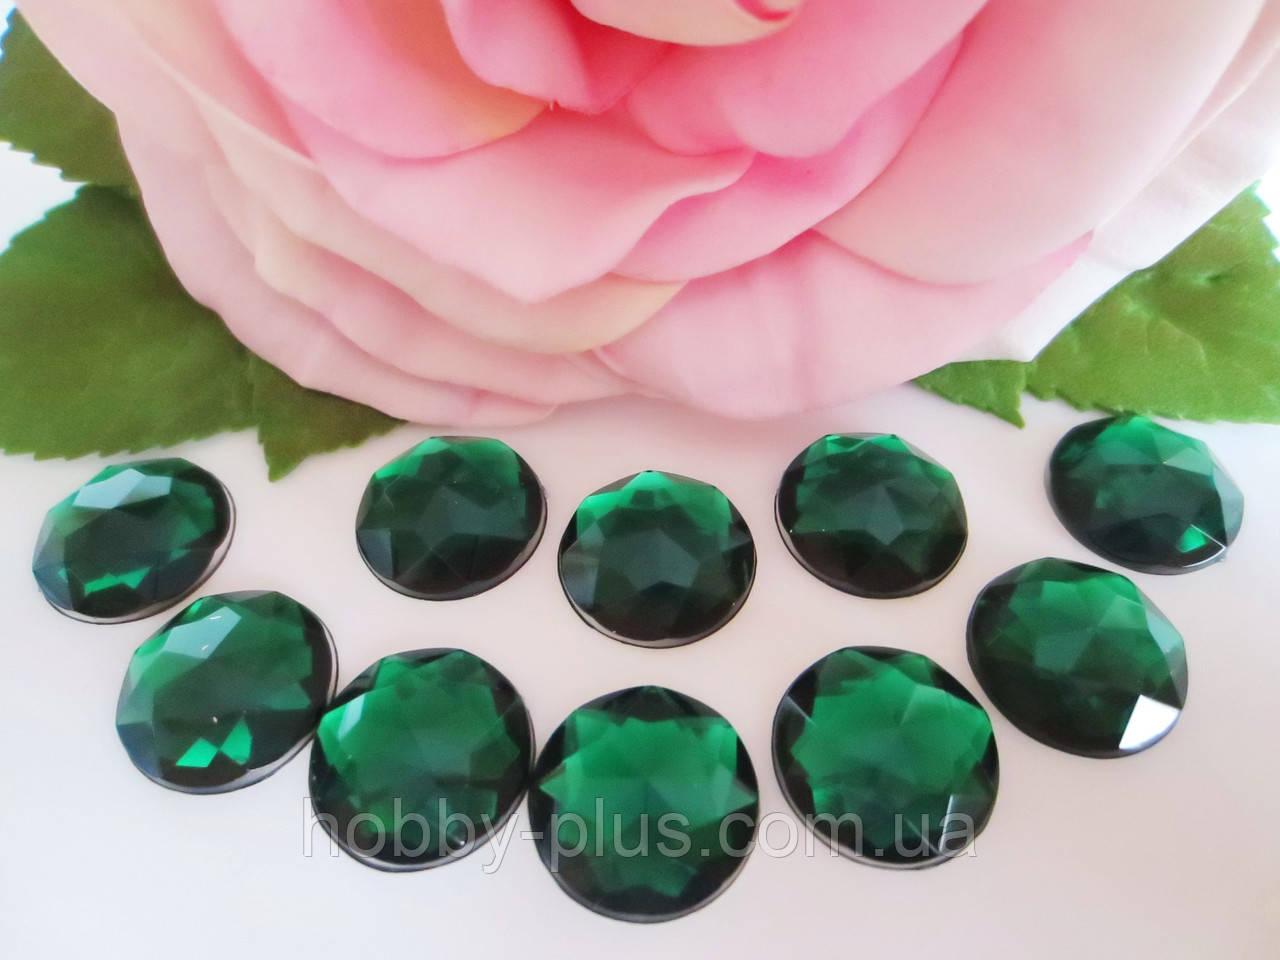 Камень клеевой круглой формы, d 14 мм, цвет зеленый, 10 шт